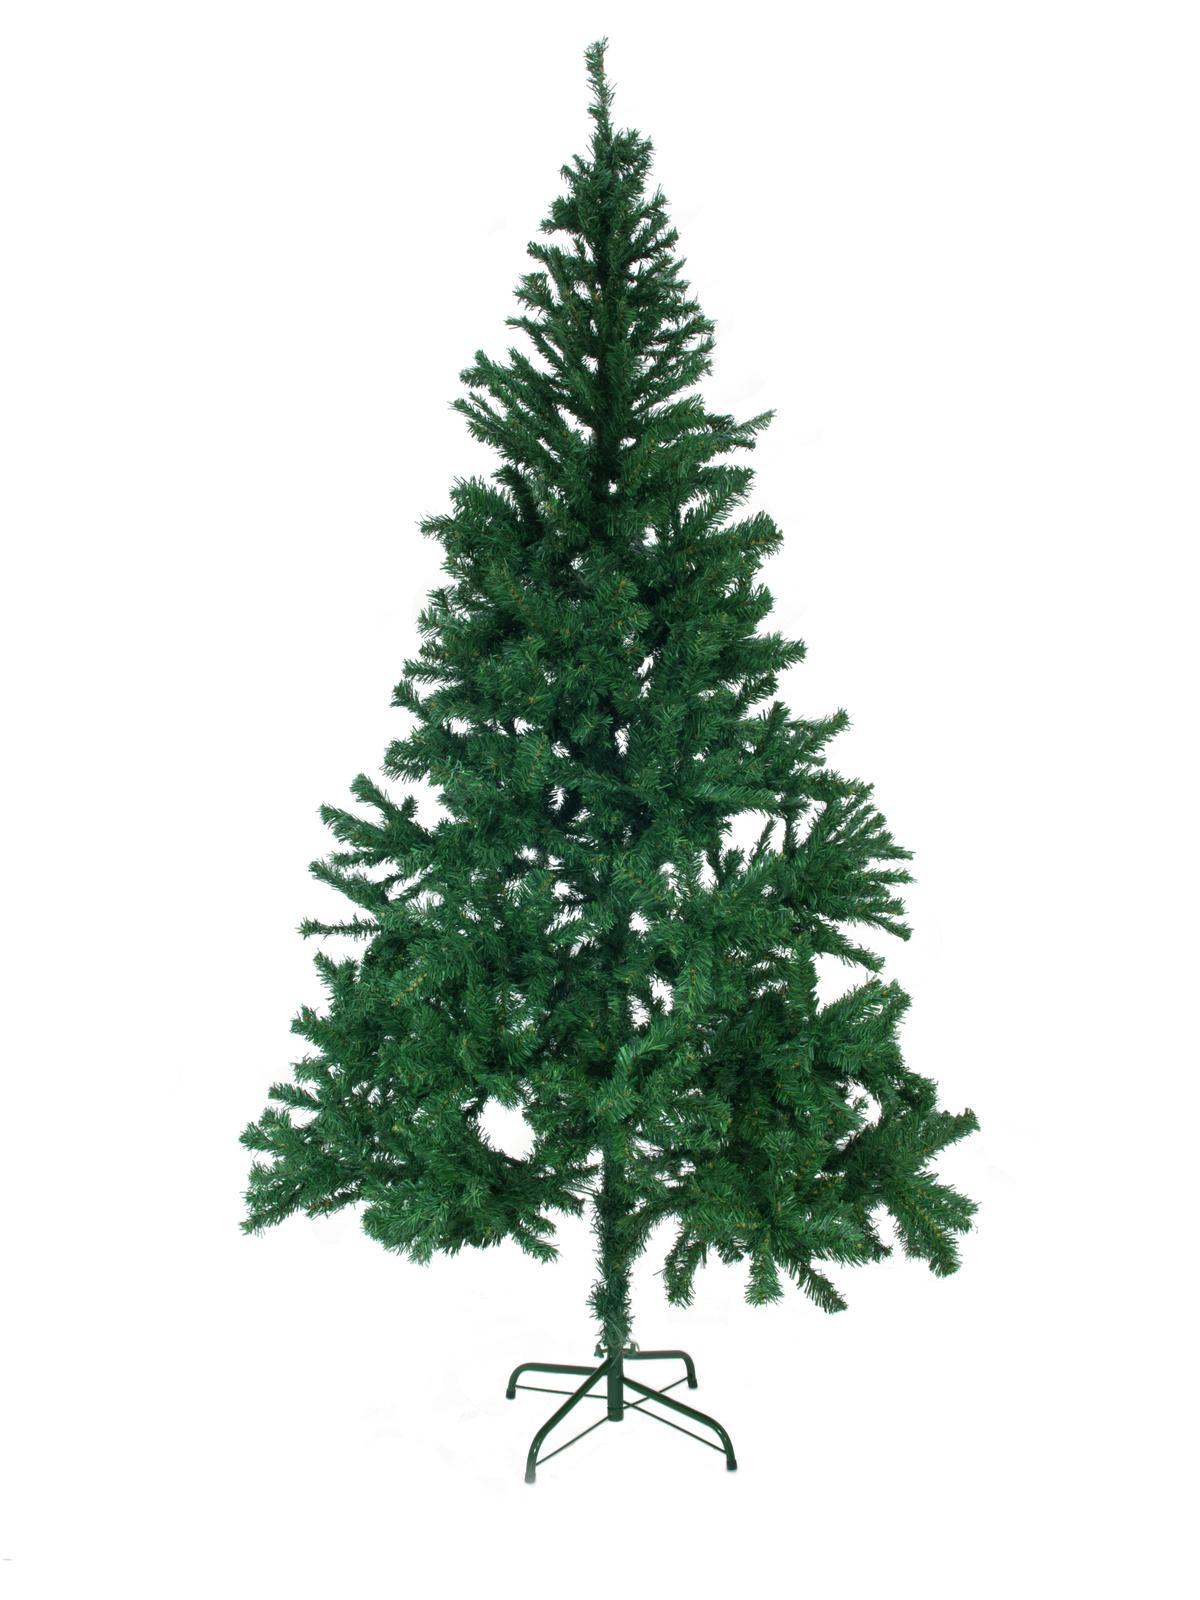 Umělý vánoční stromek Jedle, 240 cm